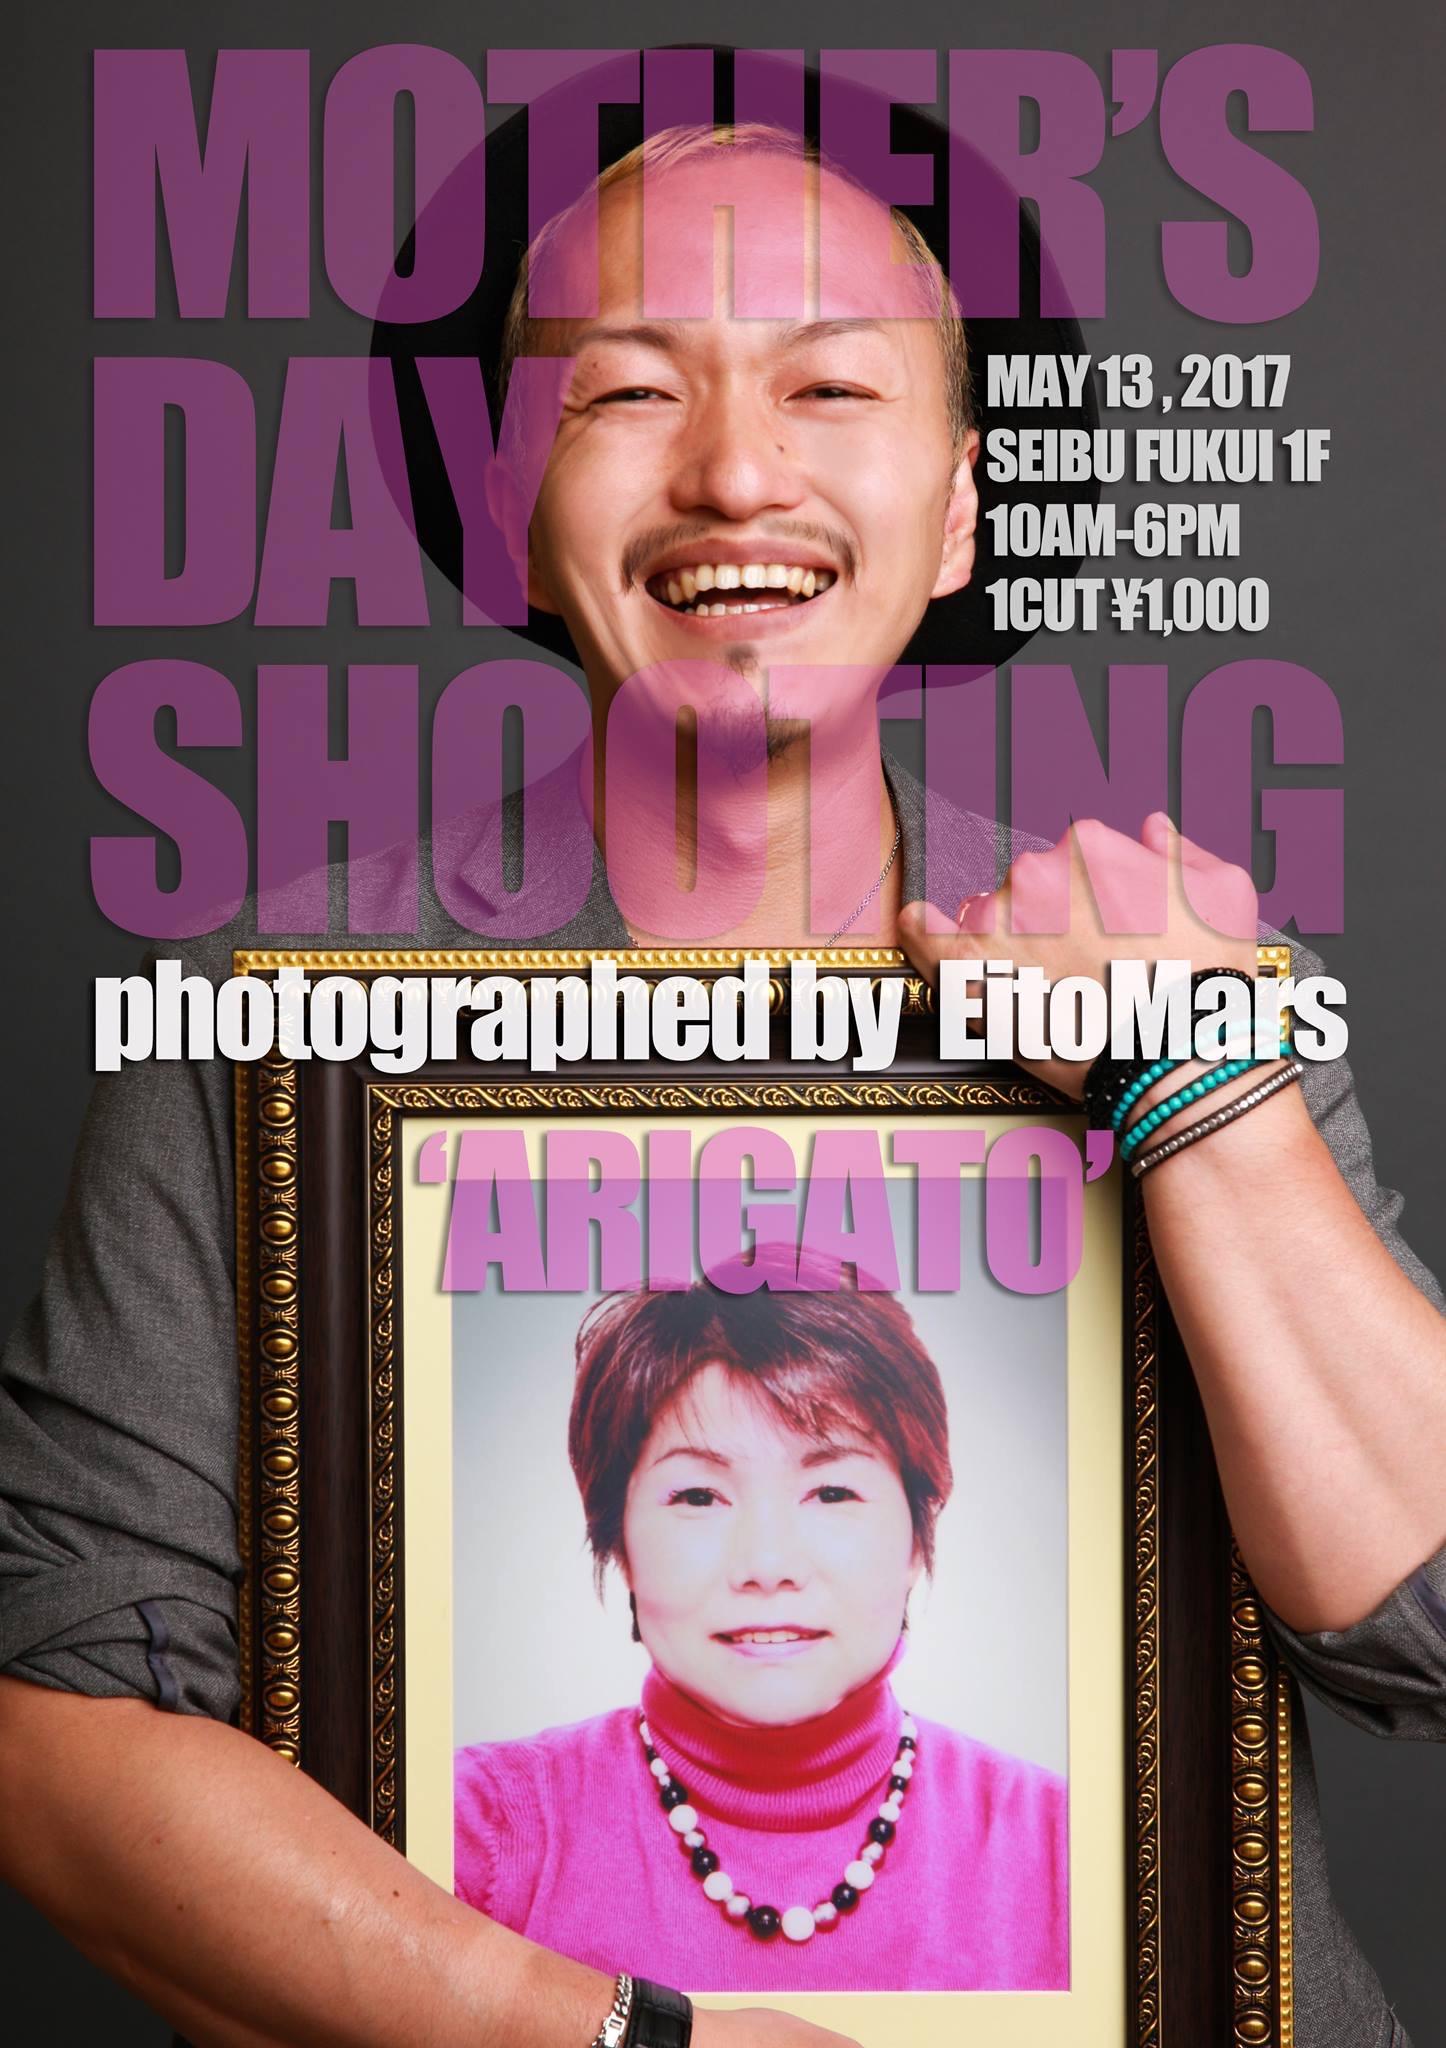 西武福井店にて母の日撮影会開催